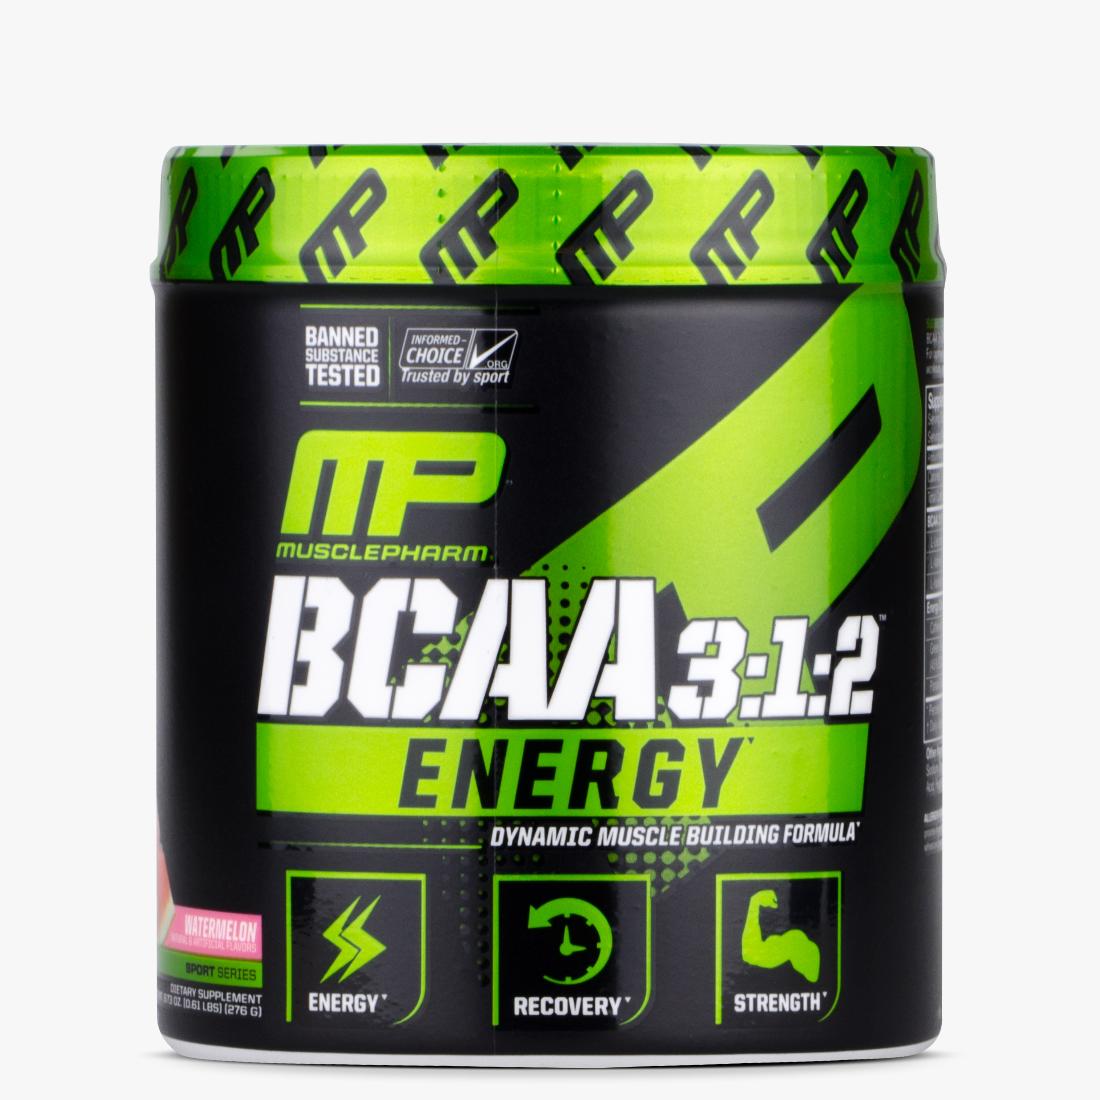 MusclePharm - BCAA 3:1:2 Energy Sport